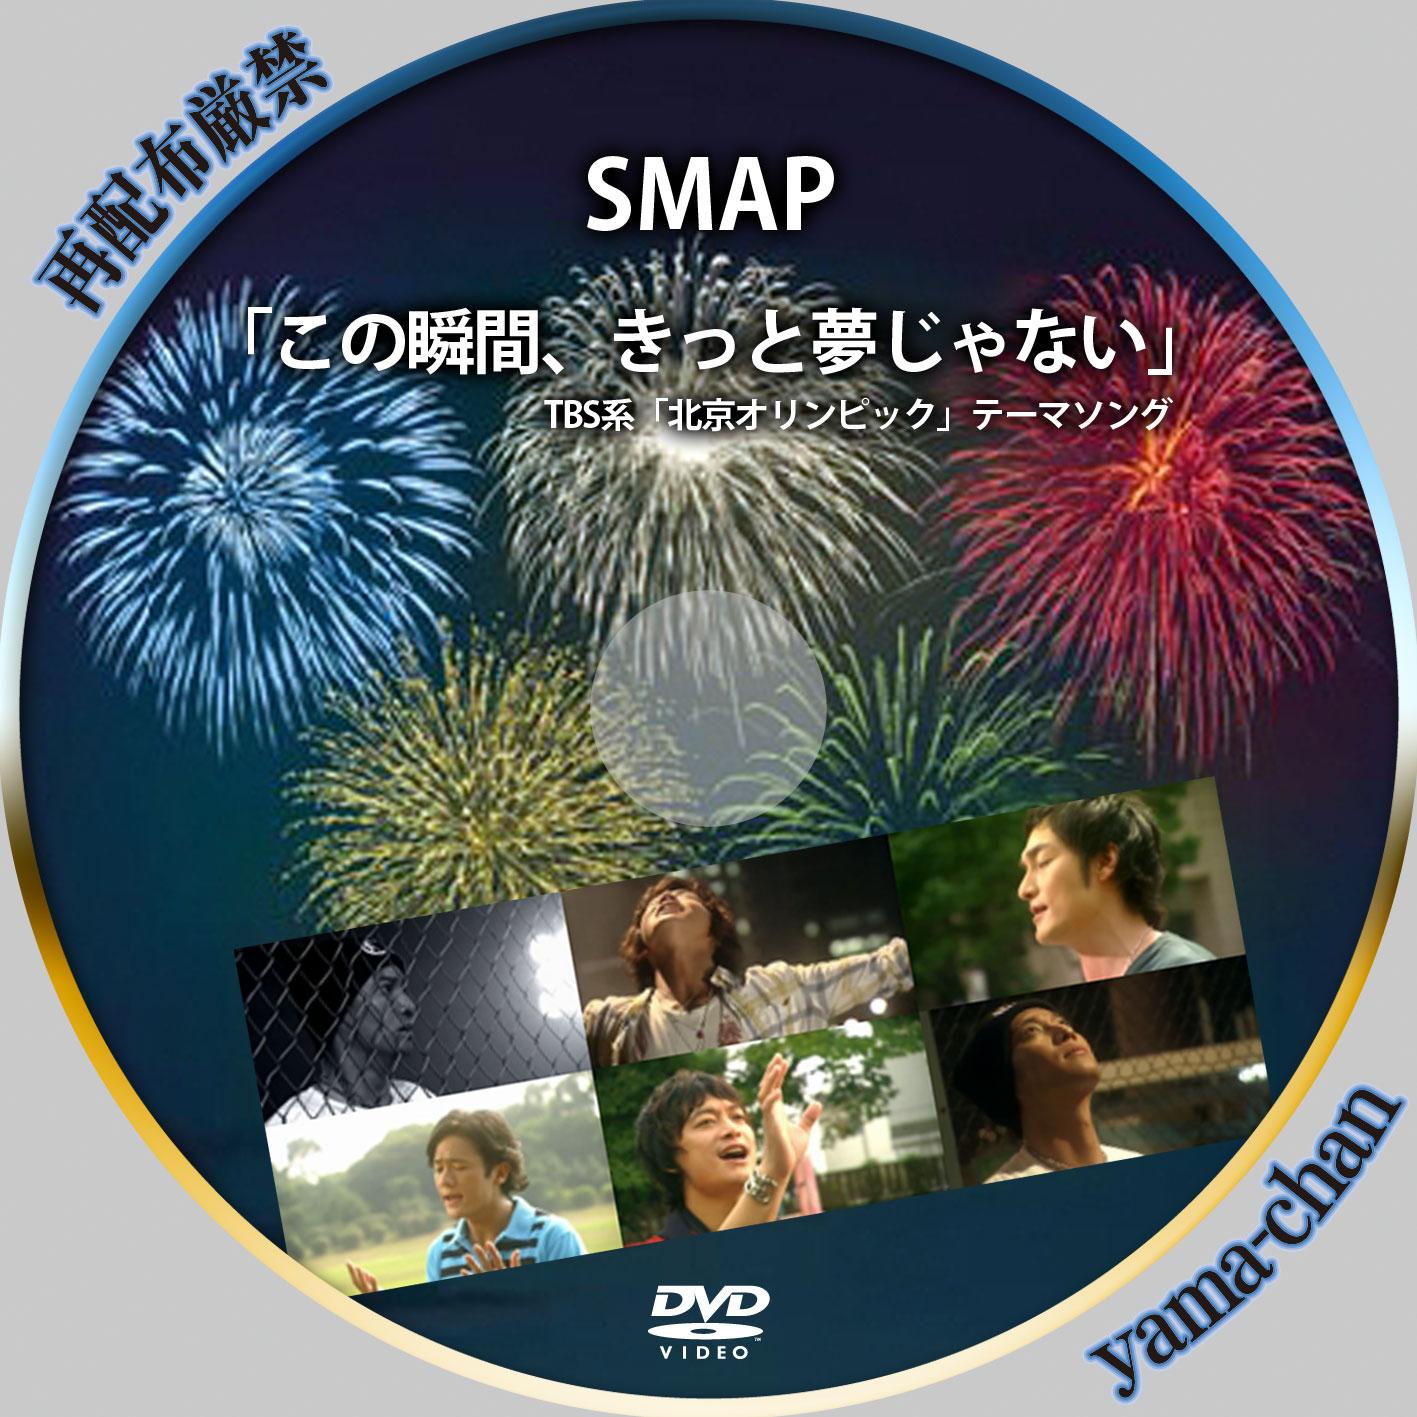 この 瞬間 きっと 夢 じゃ ない SMAP- この瞬間とき、きっと夢じゃない